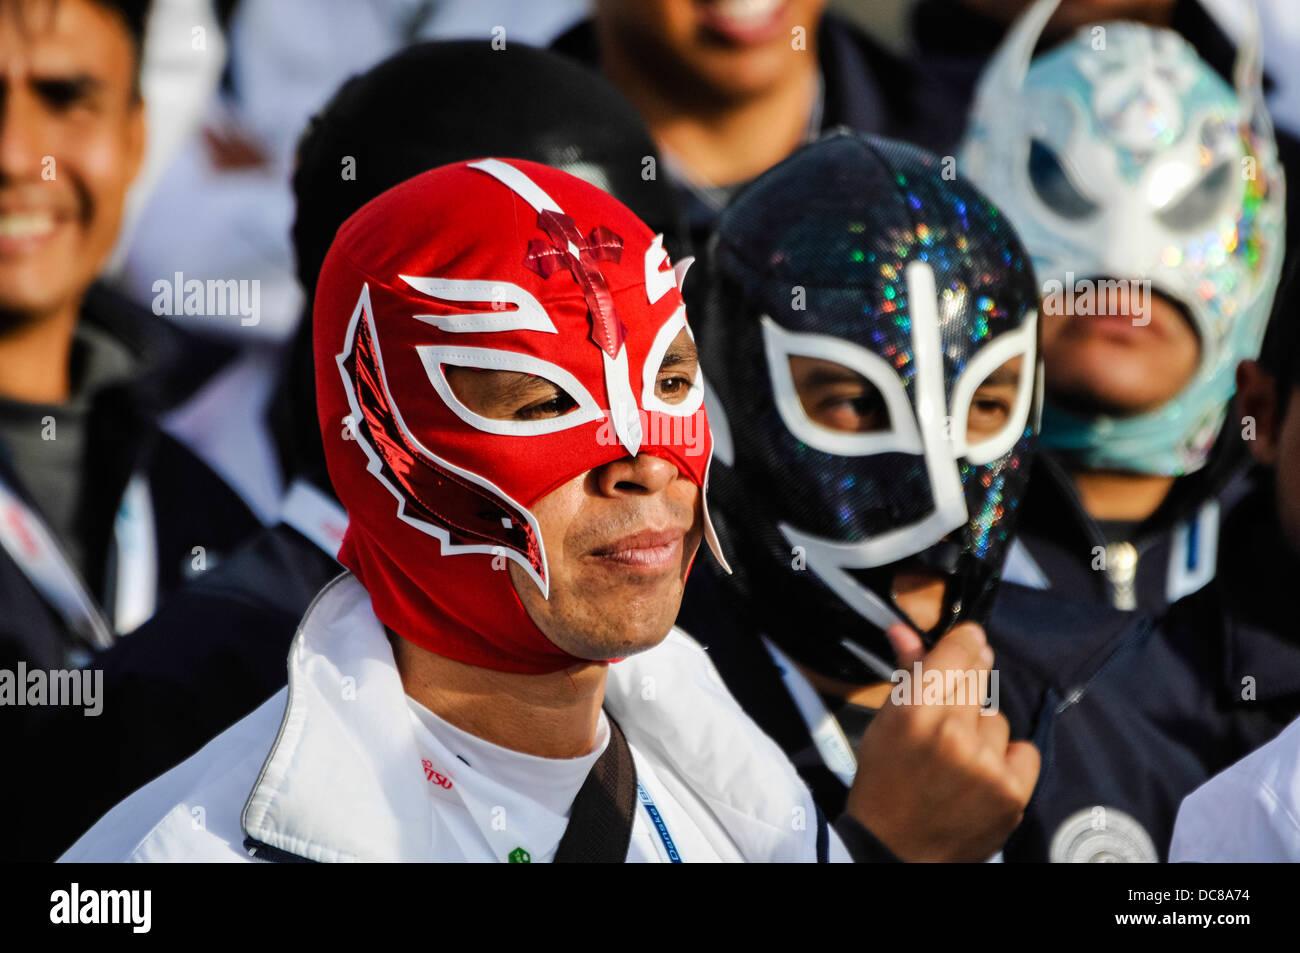 Gli uomini indossano wrestler messicano maschere Immagini Stock